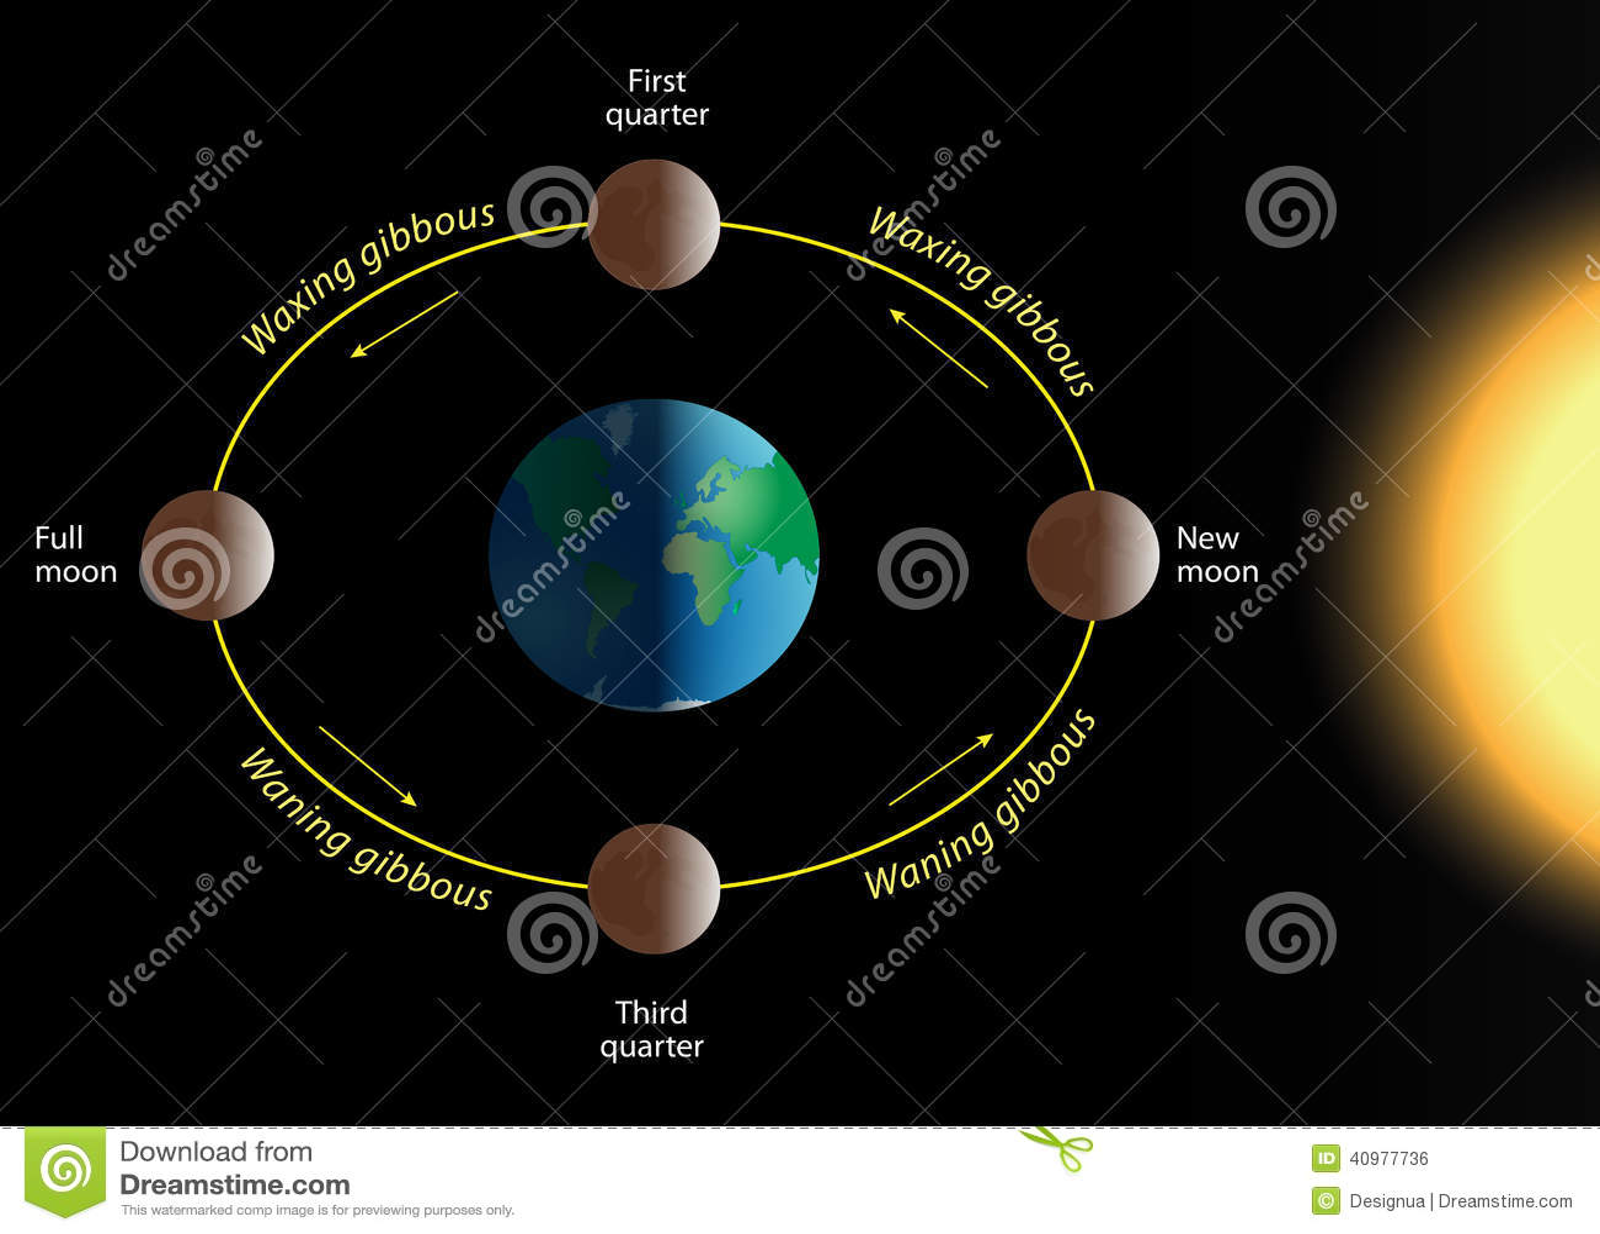 Фазы луны схемы для детей